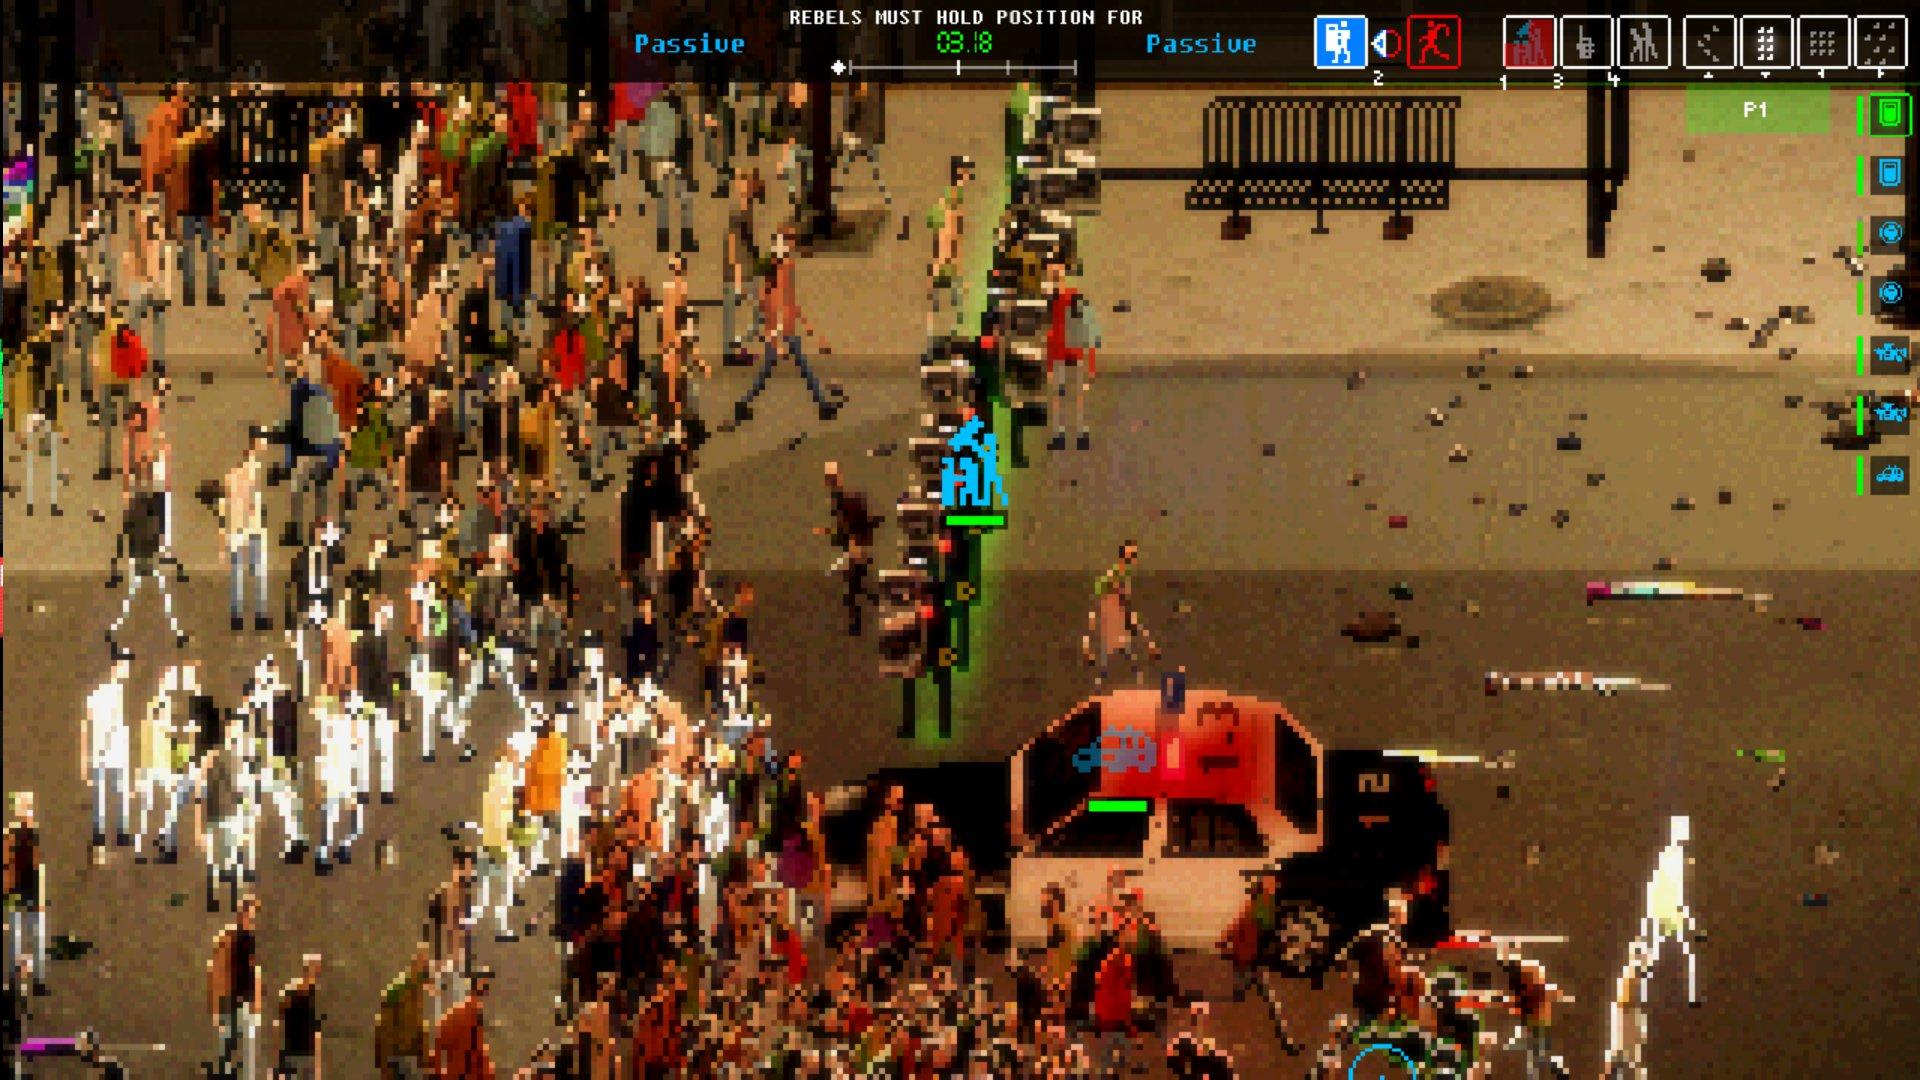 riot civil unrest screenshot 4